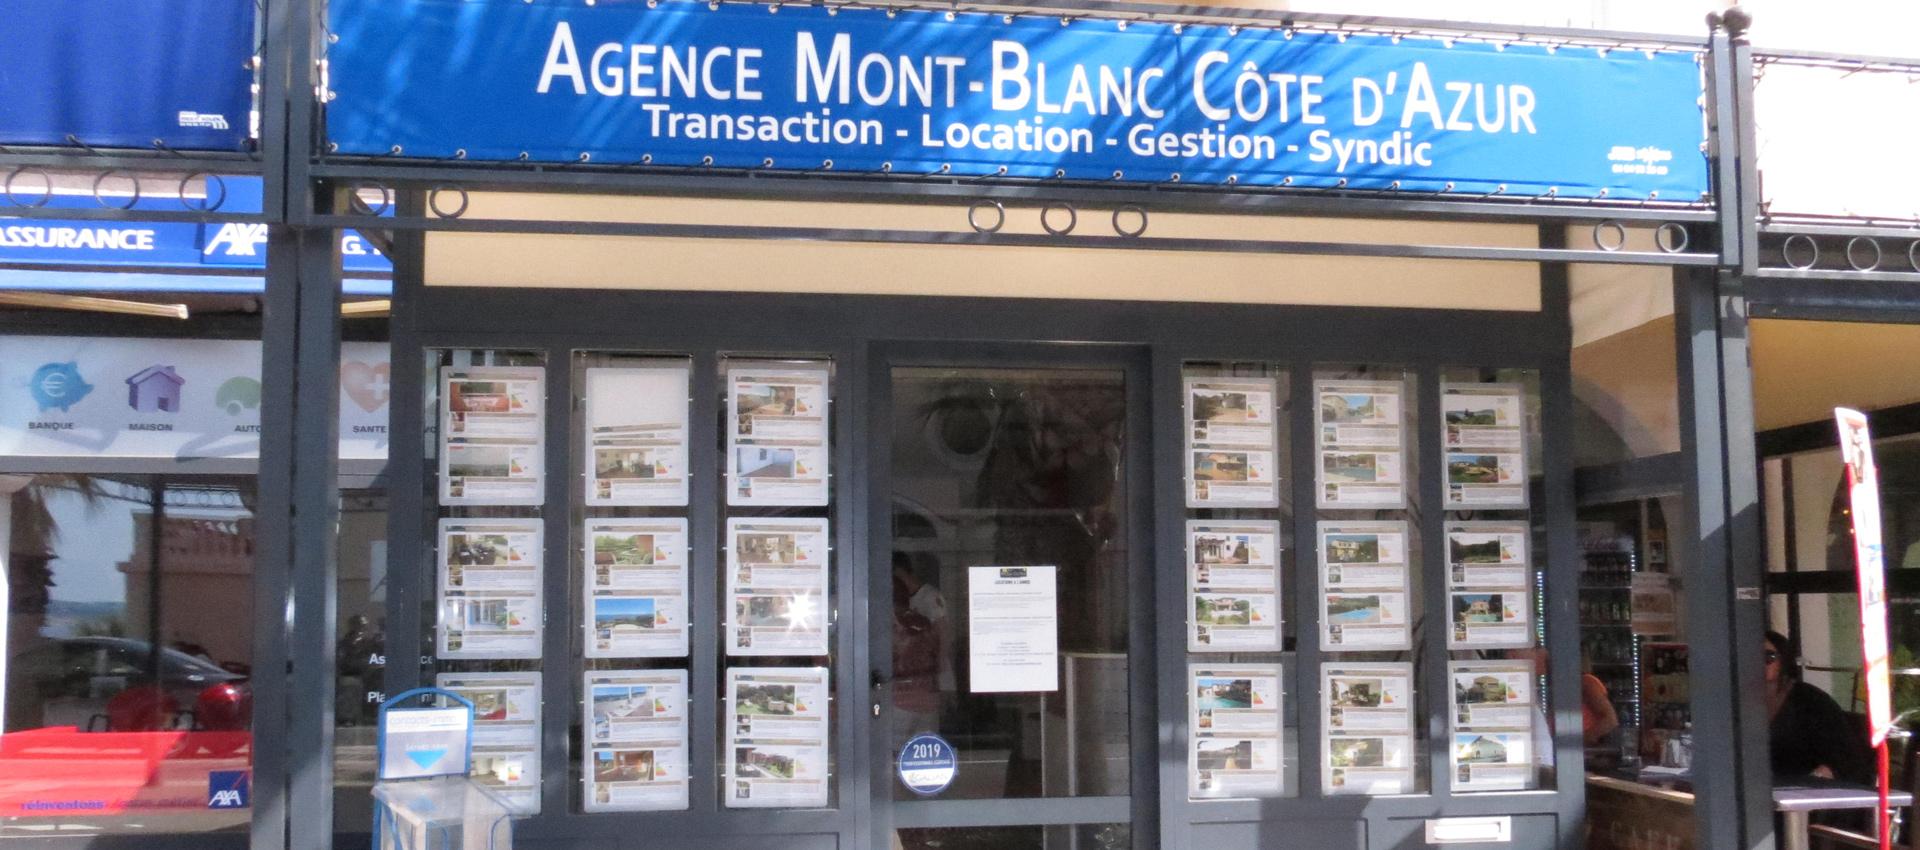 Agence Mont-Blanc Côte d'Azur 2